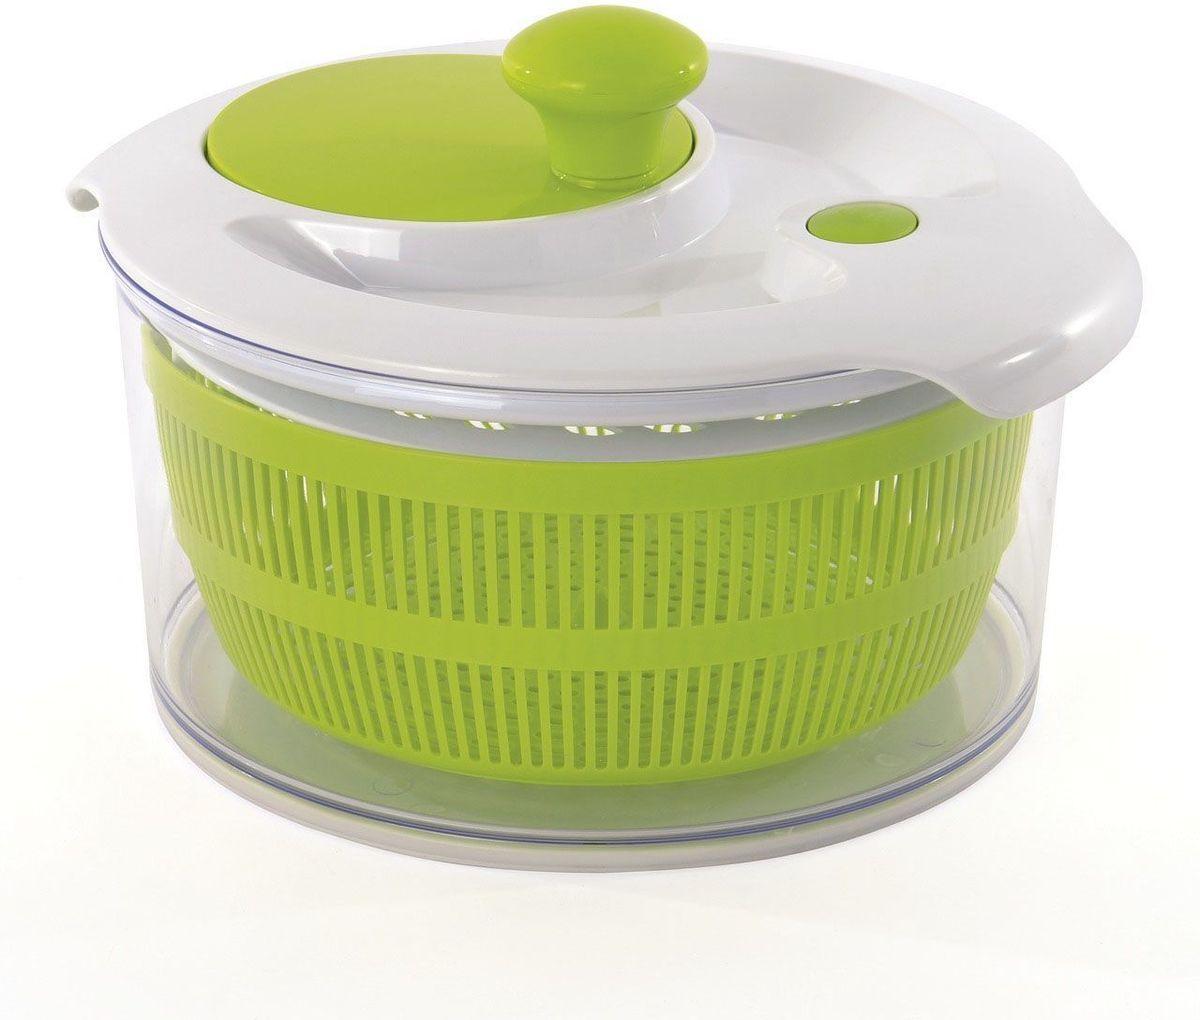 Набор для приготовления салата Cook&Co (миска, сушилка, измельчитель)2800111Помимо сушки зелени эта уникальная сушилка Cook&Co позволяет резать и измельчать овощи прямо в ваш салат. Встроенная крышка-мандолина предназначена для нарезания и измельчения овощей и сыра прямо в миску. Измельчитель имеет 2 съемных лезвия. Ручка с удобным захватом. Нескользящее основание. Легко вращающаяся ручка не требует усилий при сушке.Объем миски: 4,7 л.